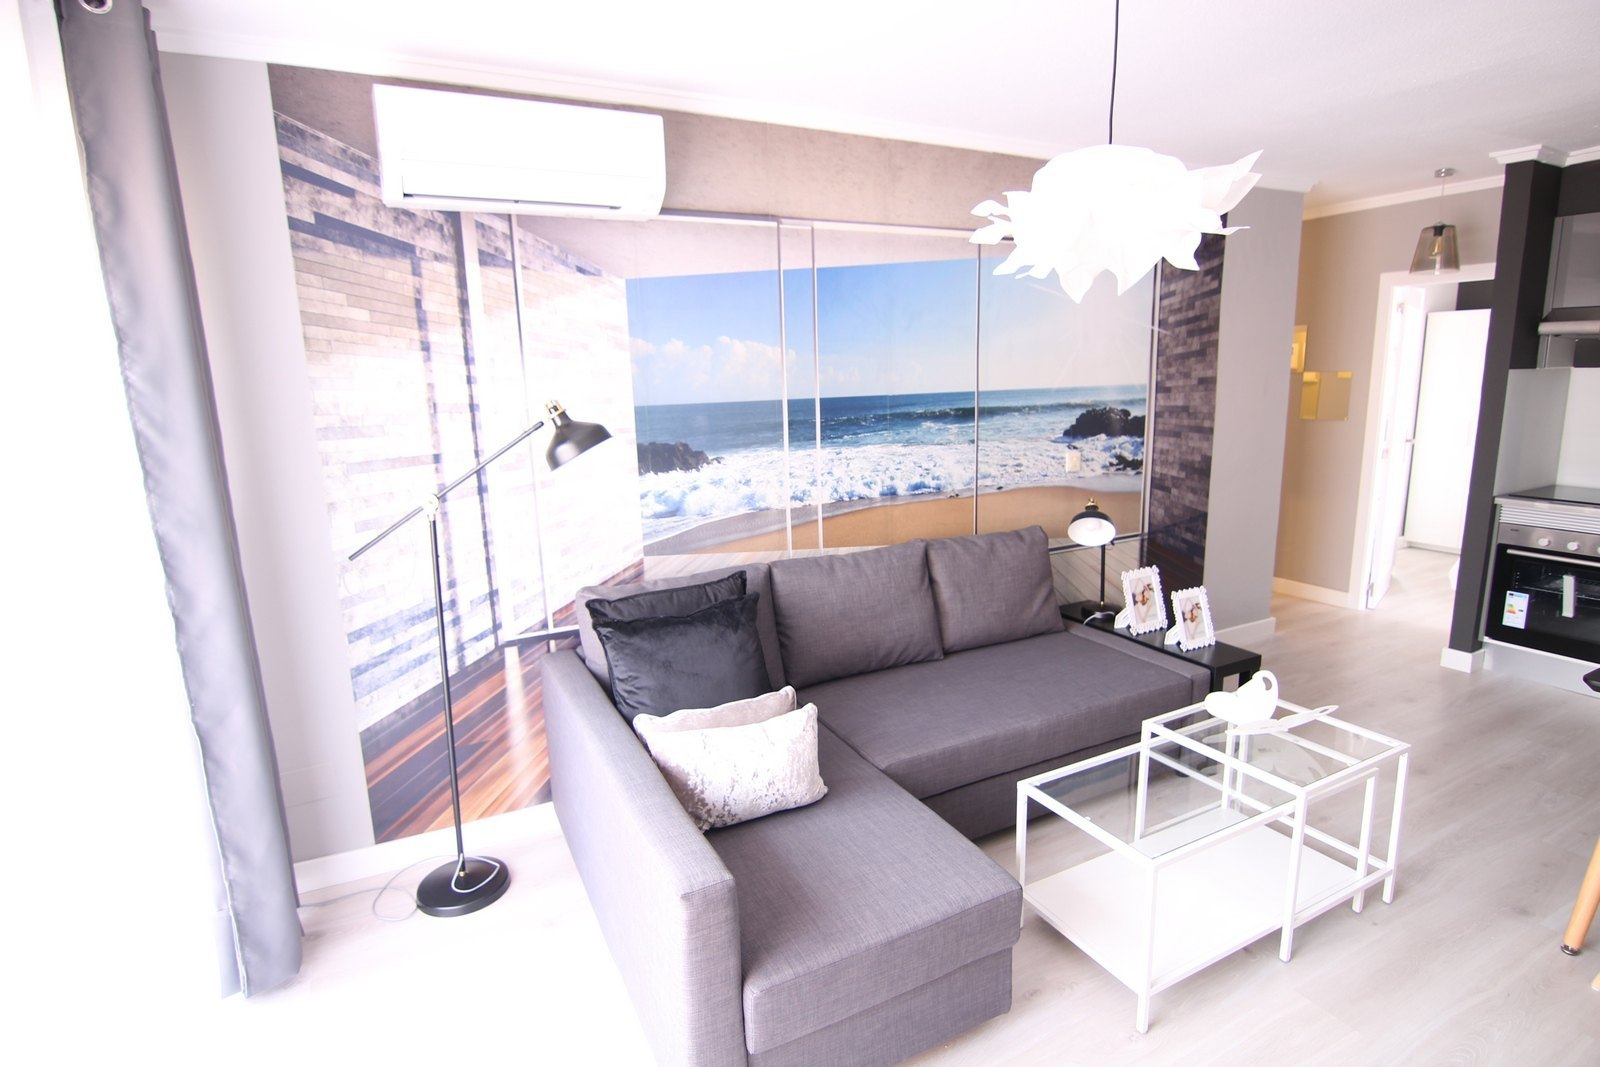 Wunderschönes total renoviertes Penthouse zum Verkauf in Moraira mit einer grossen Terrasse und herrlicher Meersicht.